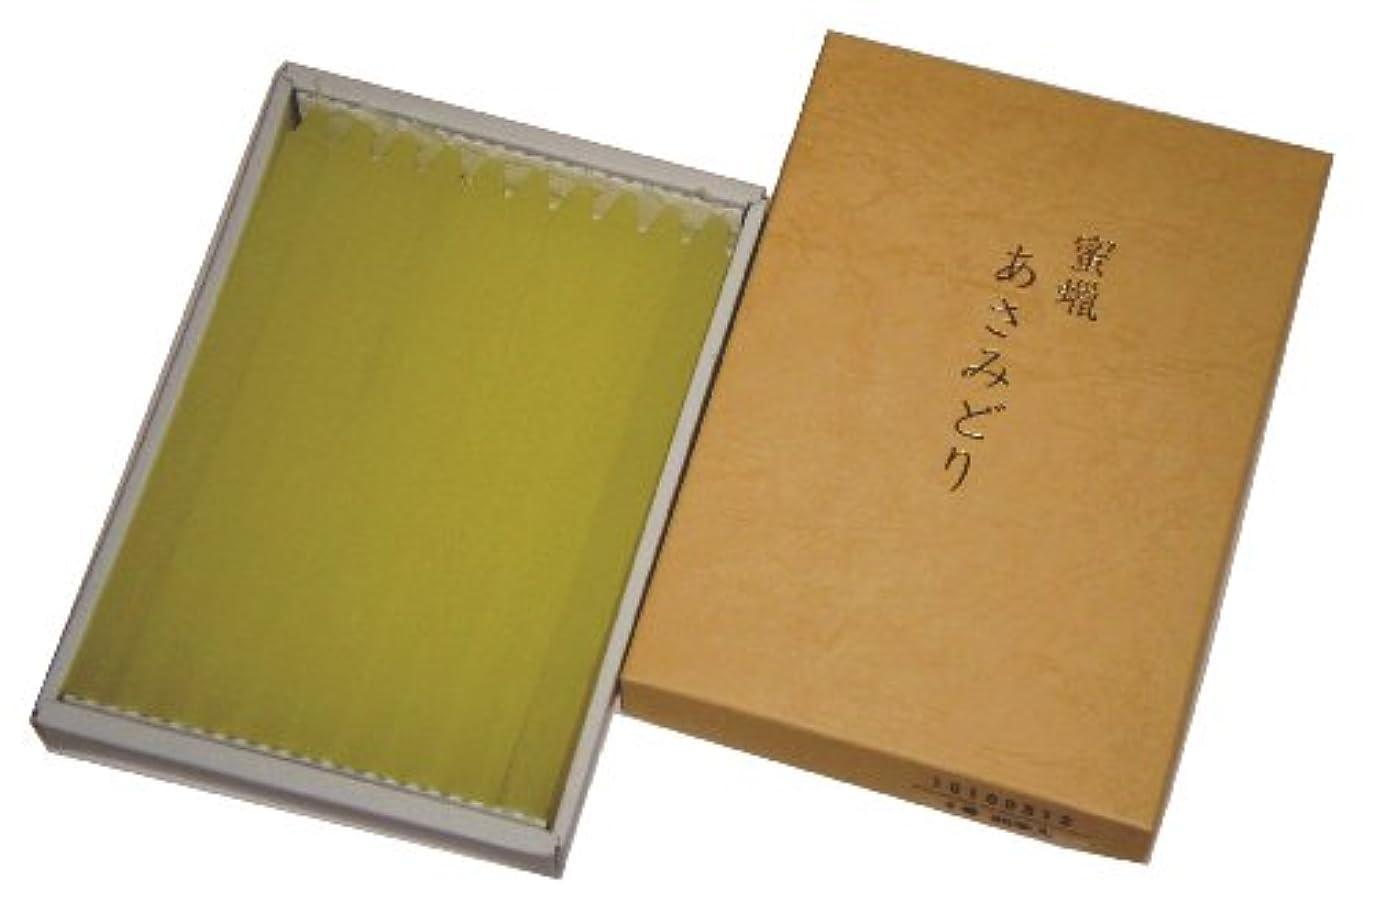 国籍略語リンク鳥居のローソク 蜜蝋 あさみどり 3号20本入り 印刷箱 #100512